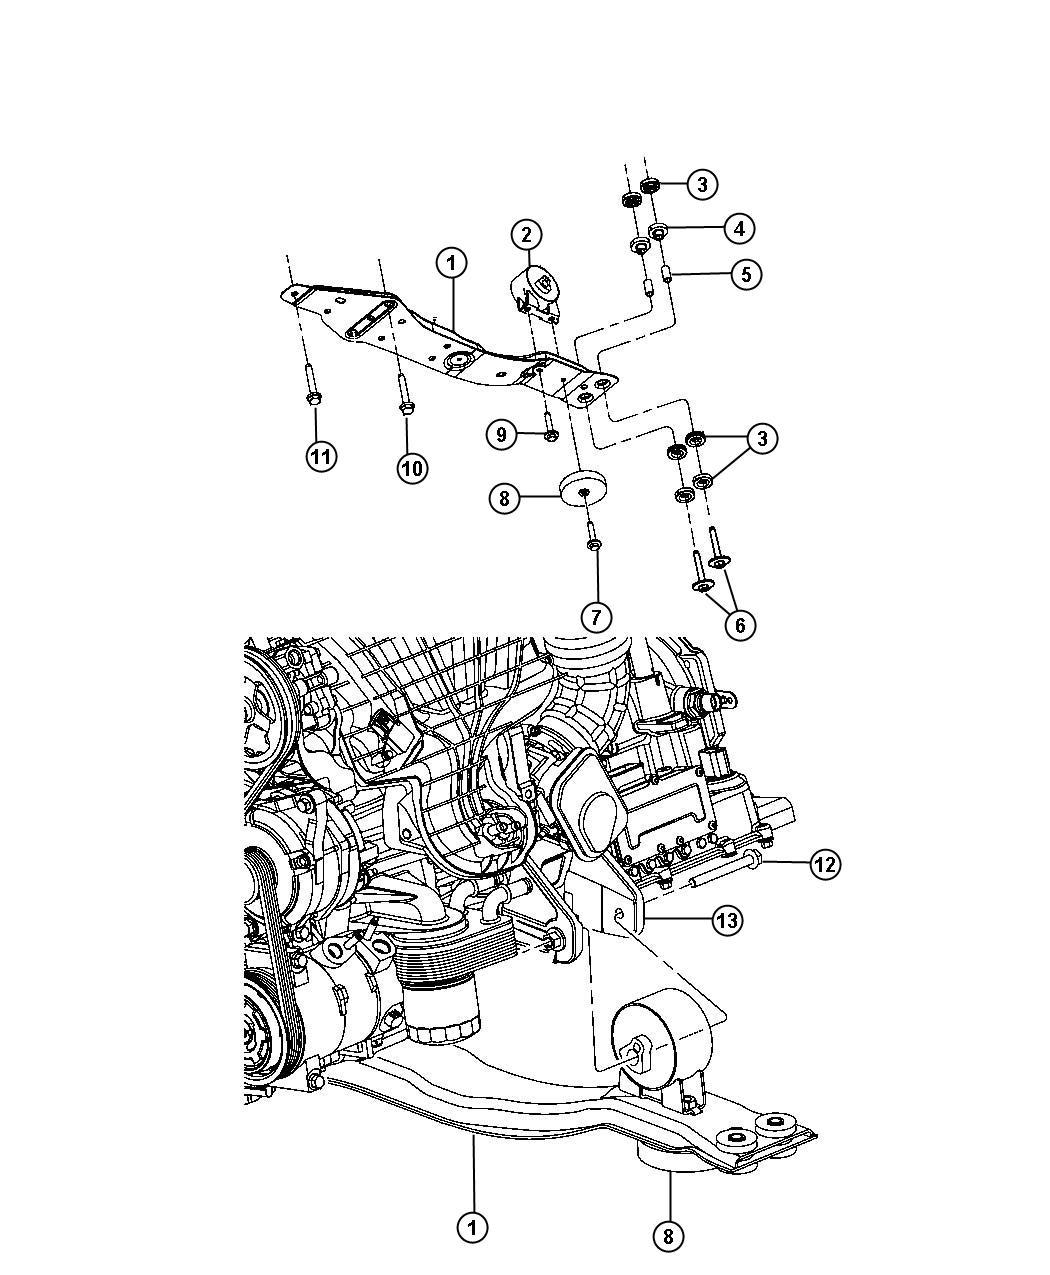 2012 Dodge Journey Engine Mounting Front AWD 3.6L [3.6L V6